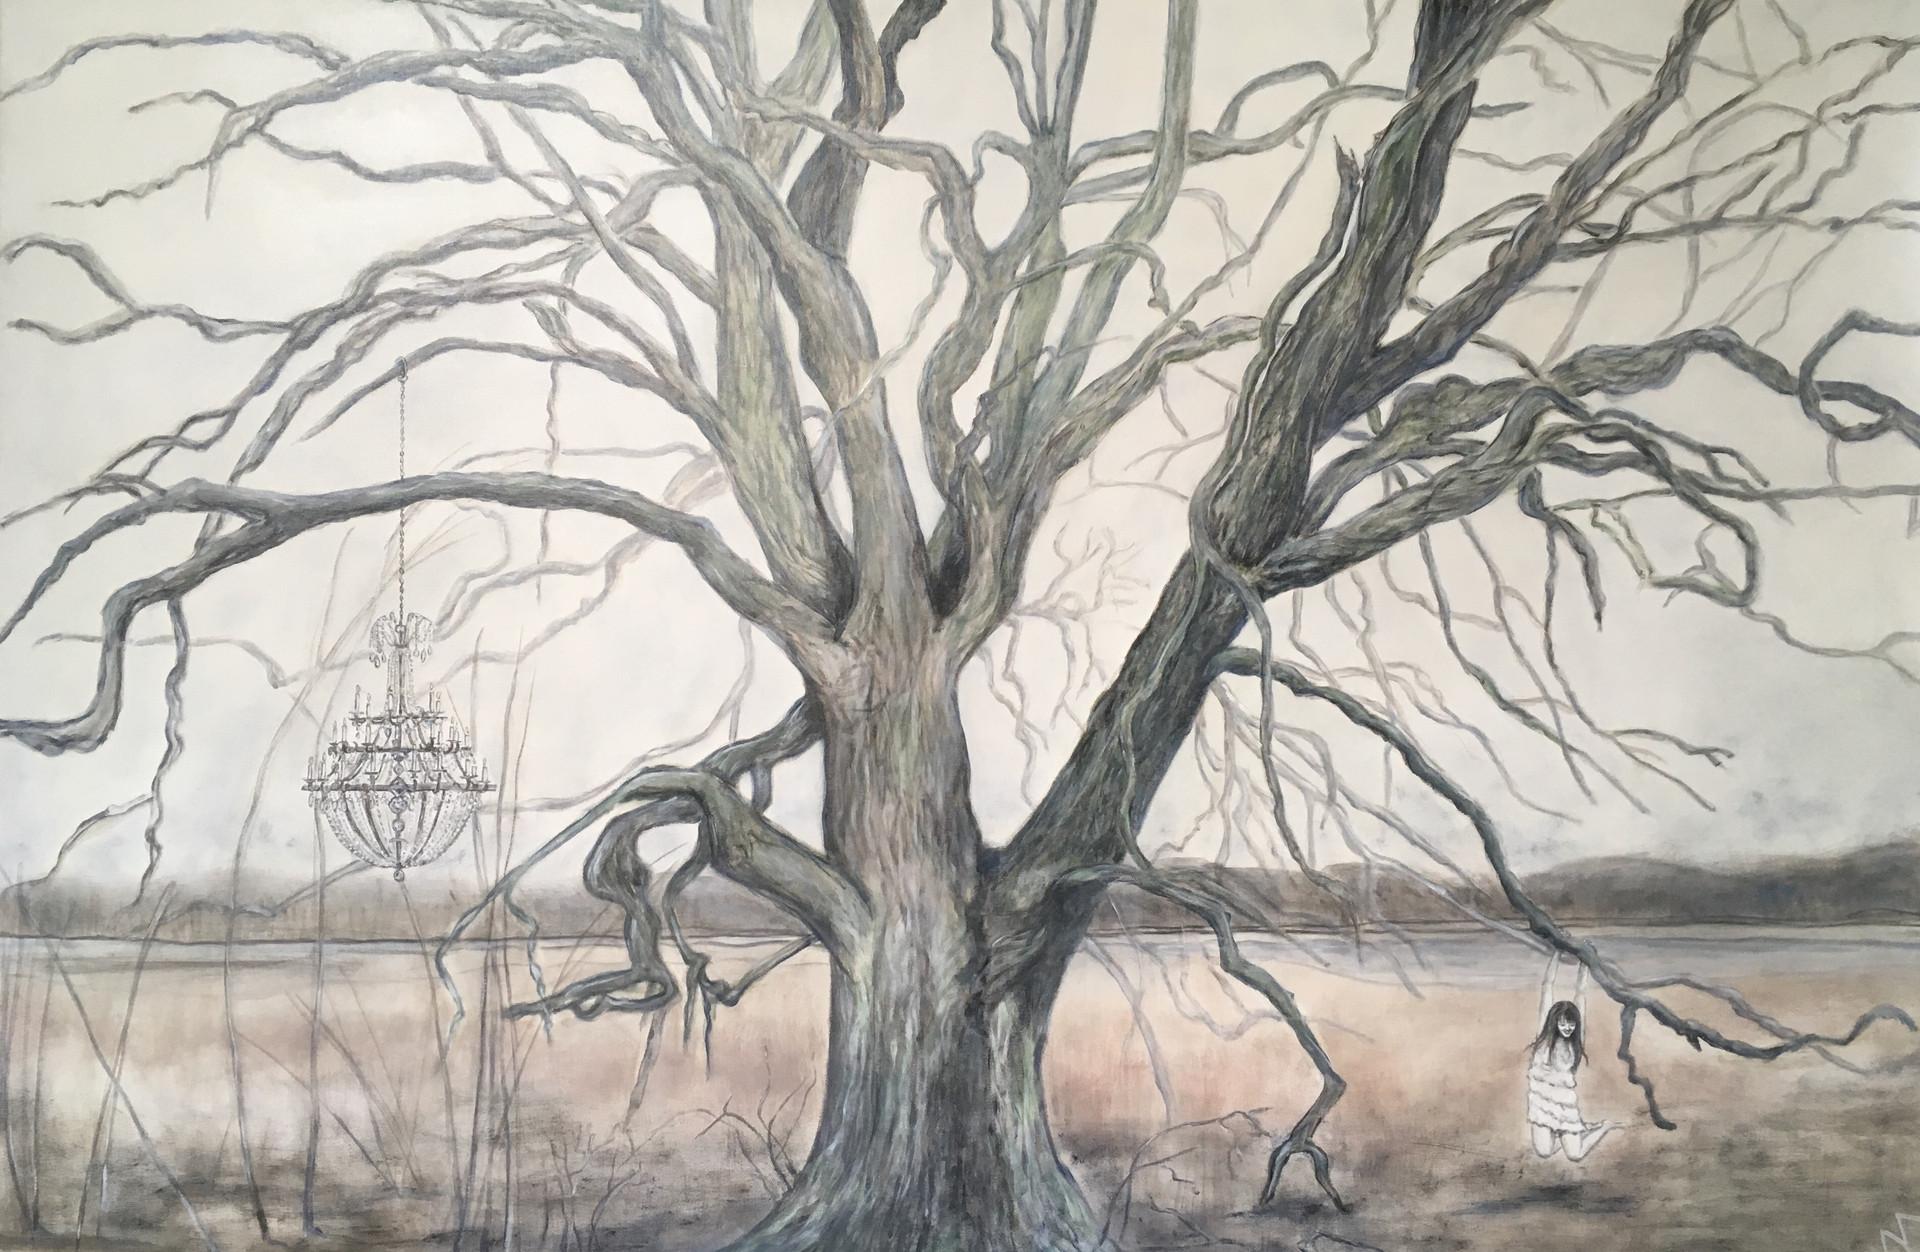 SOLGT Kære træ, vil du ikke nok være min ven for evigt?